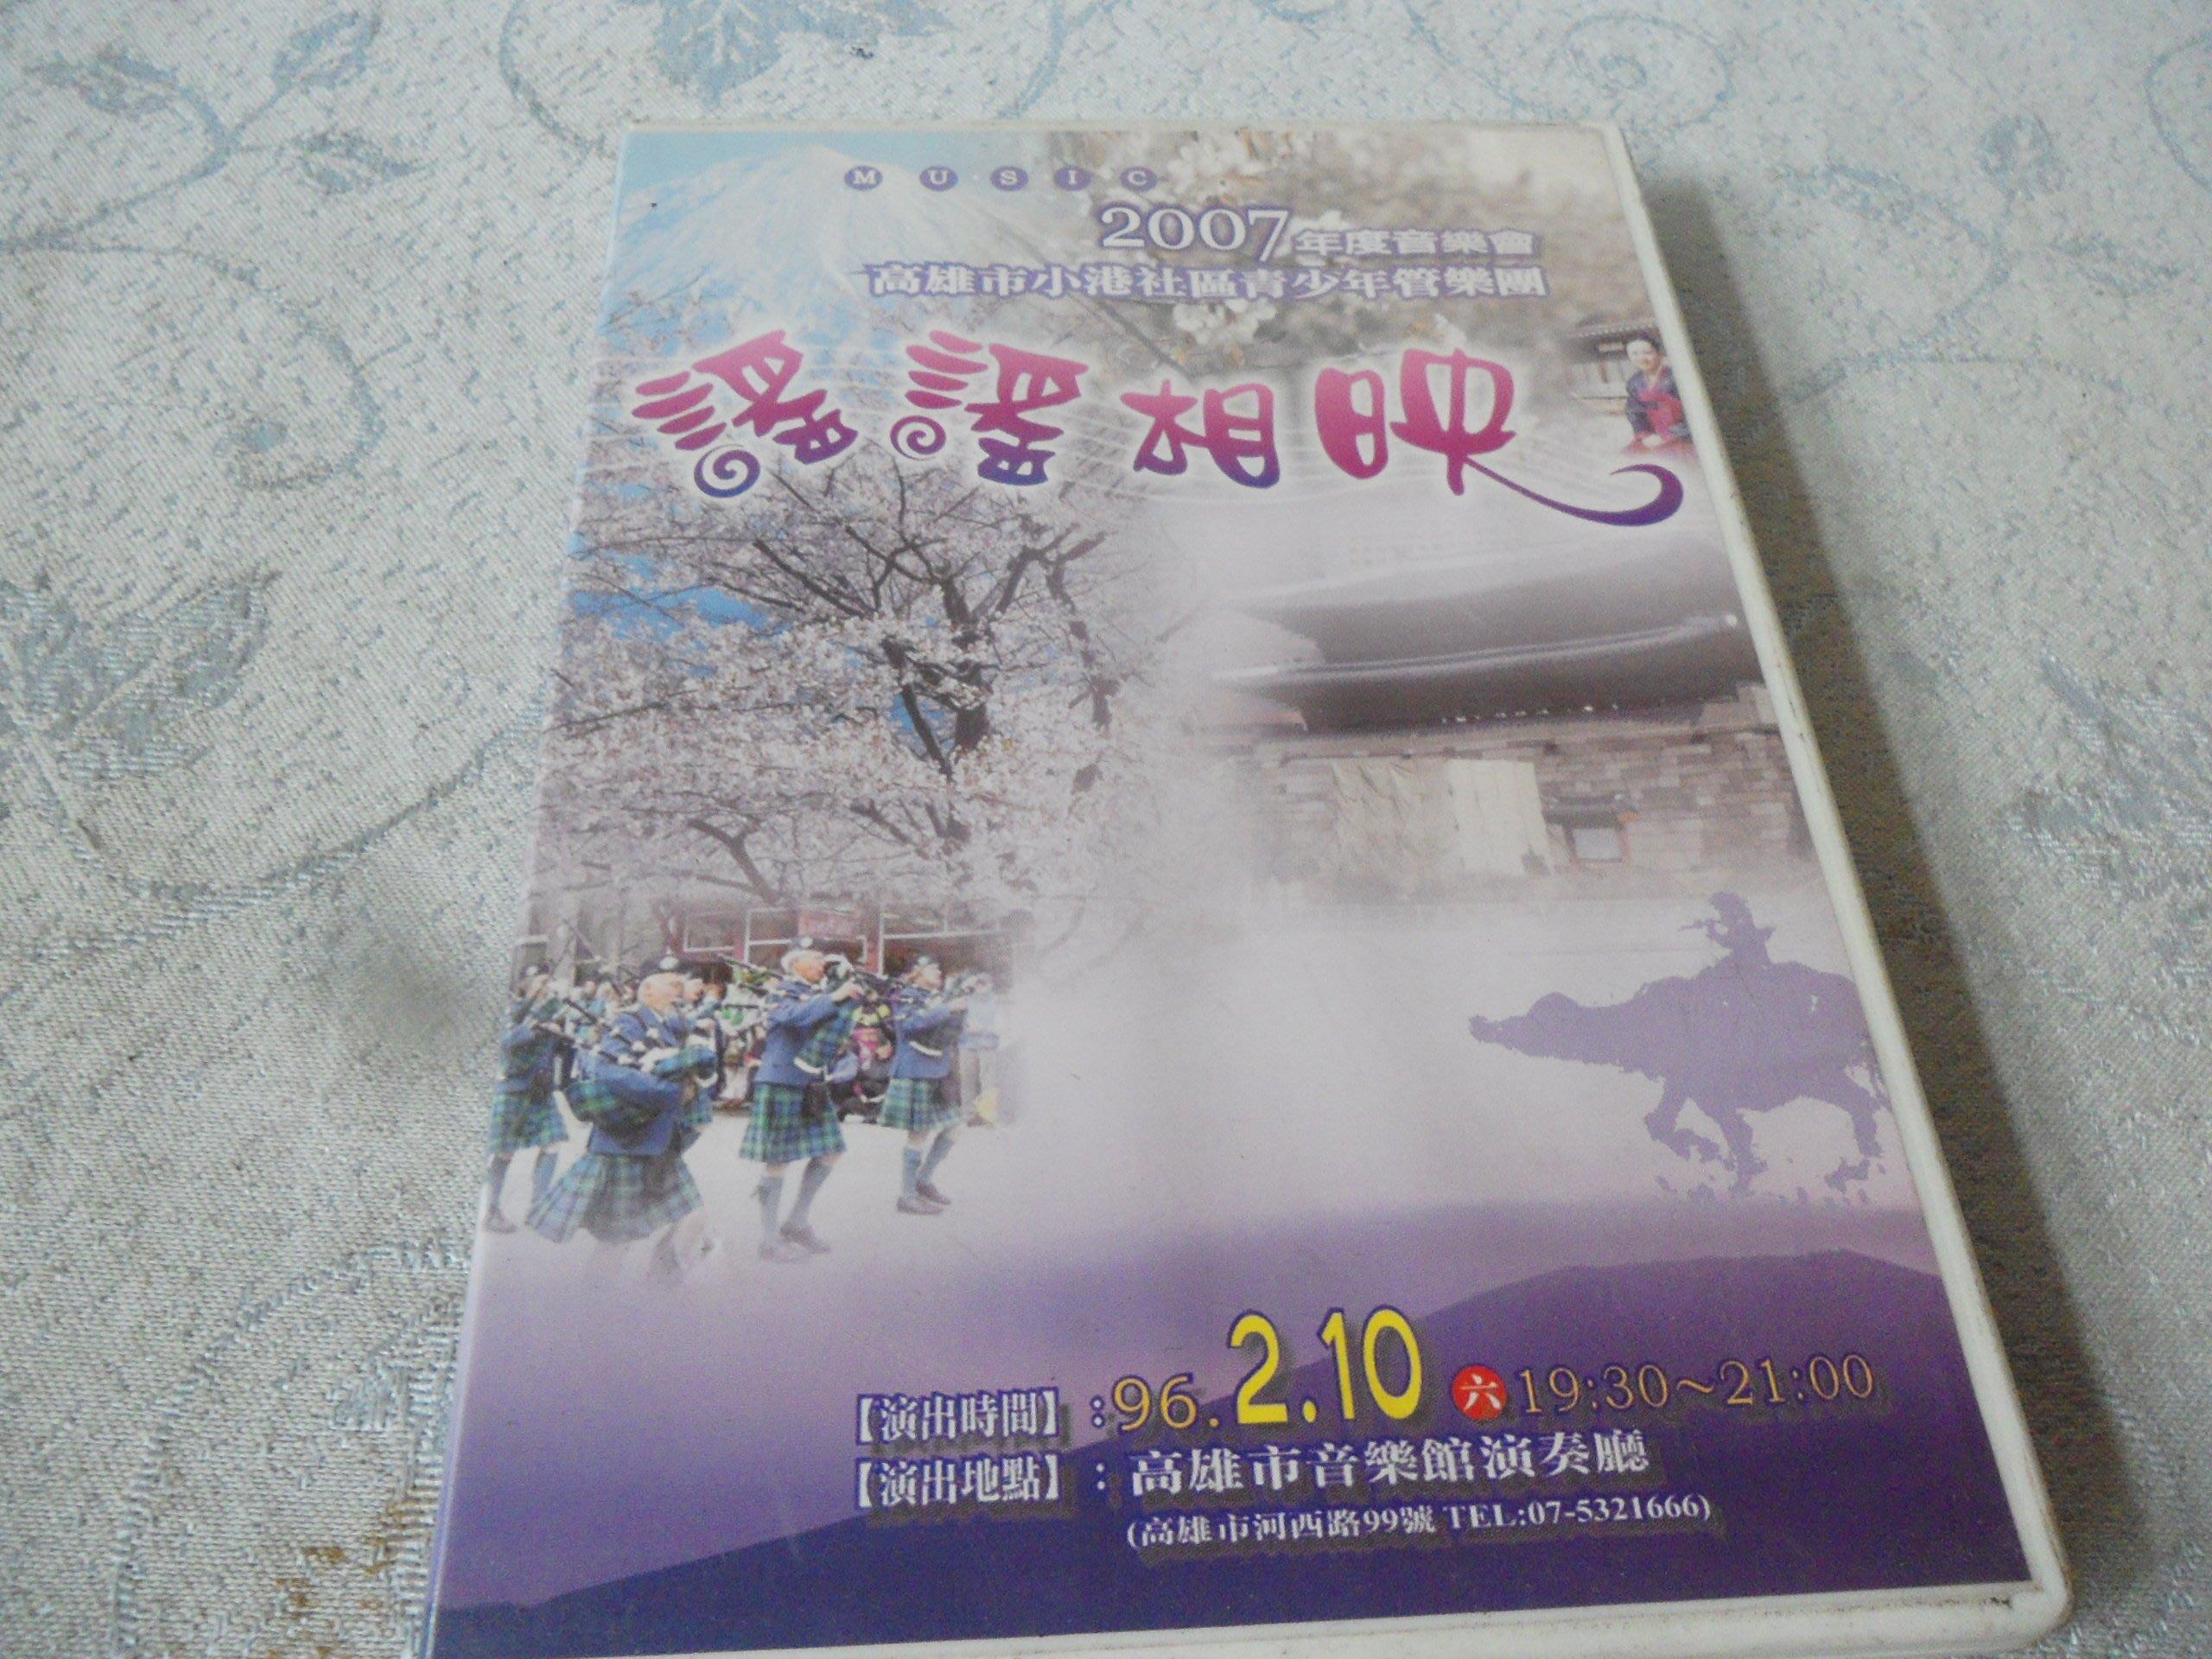 【彩虹小館】XXX兒童CD~2007年度音樂會高雄市小港區青少年管樂團 謠窯相映